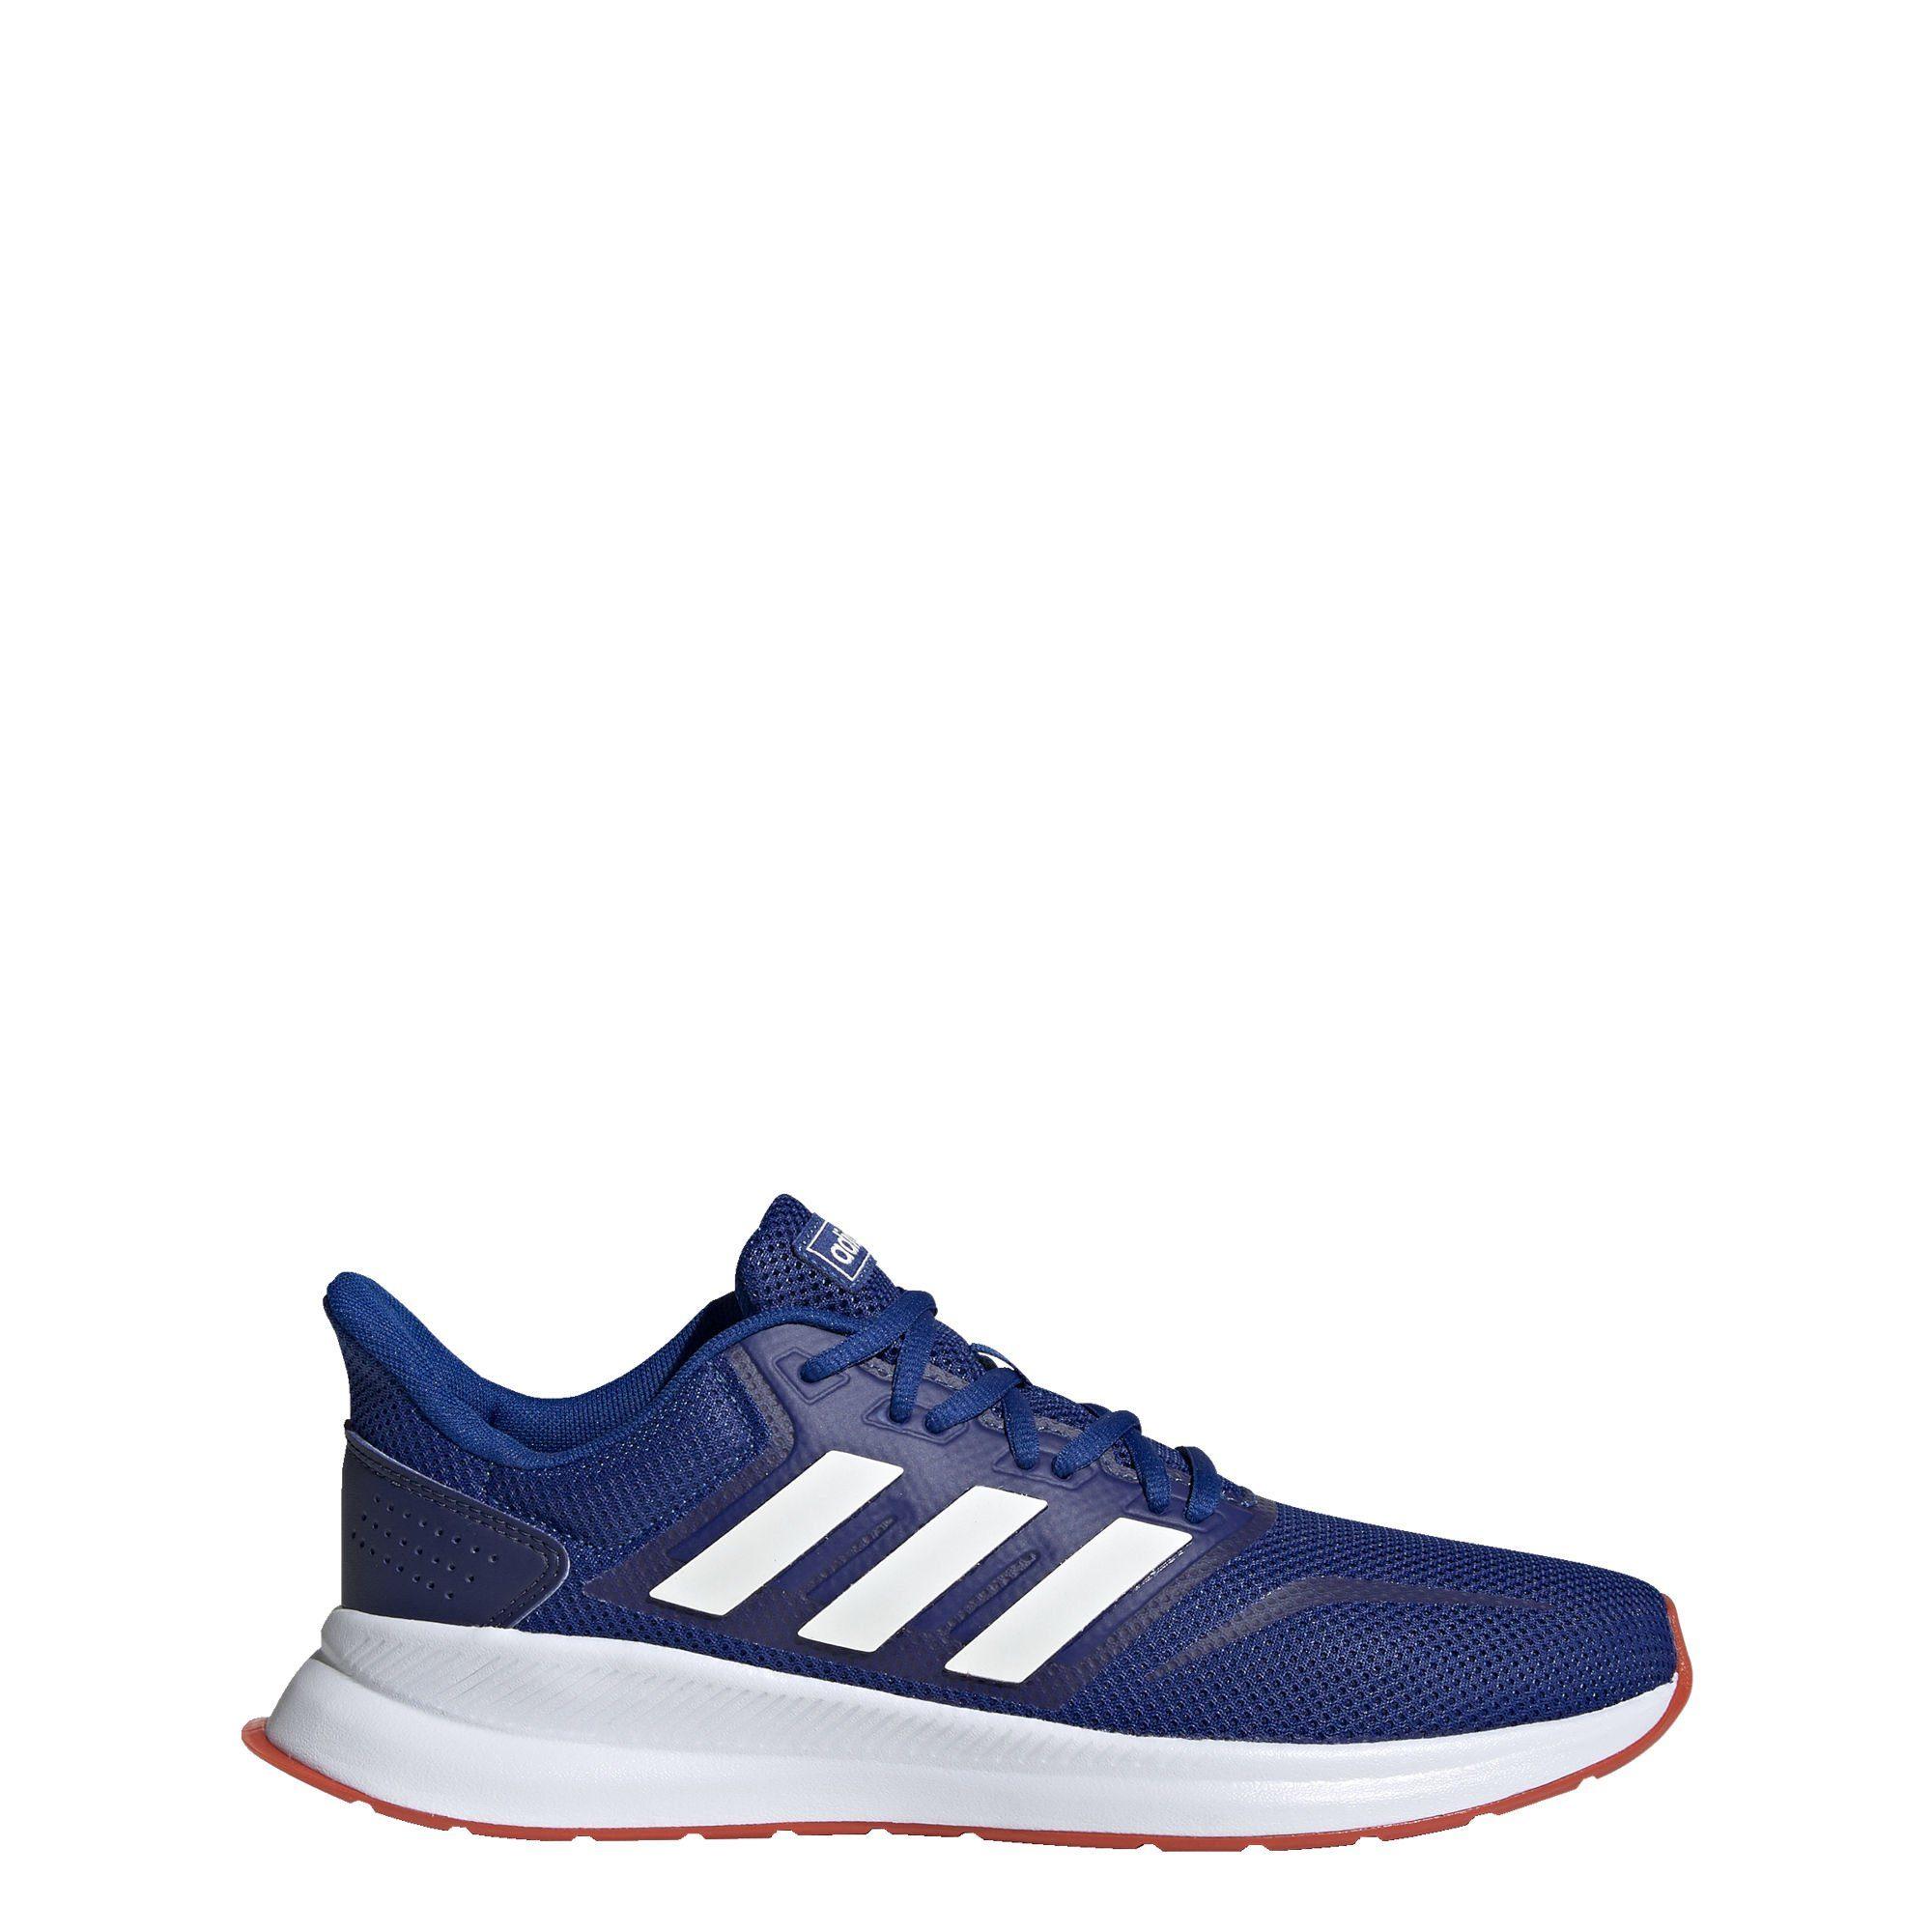 Sneaker Schuh« Adidas »runfalcon Essentials KaufenOtto Performance Online qSMVGUzpjL